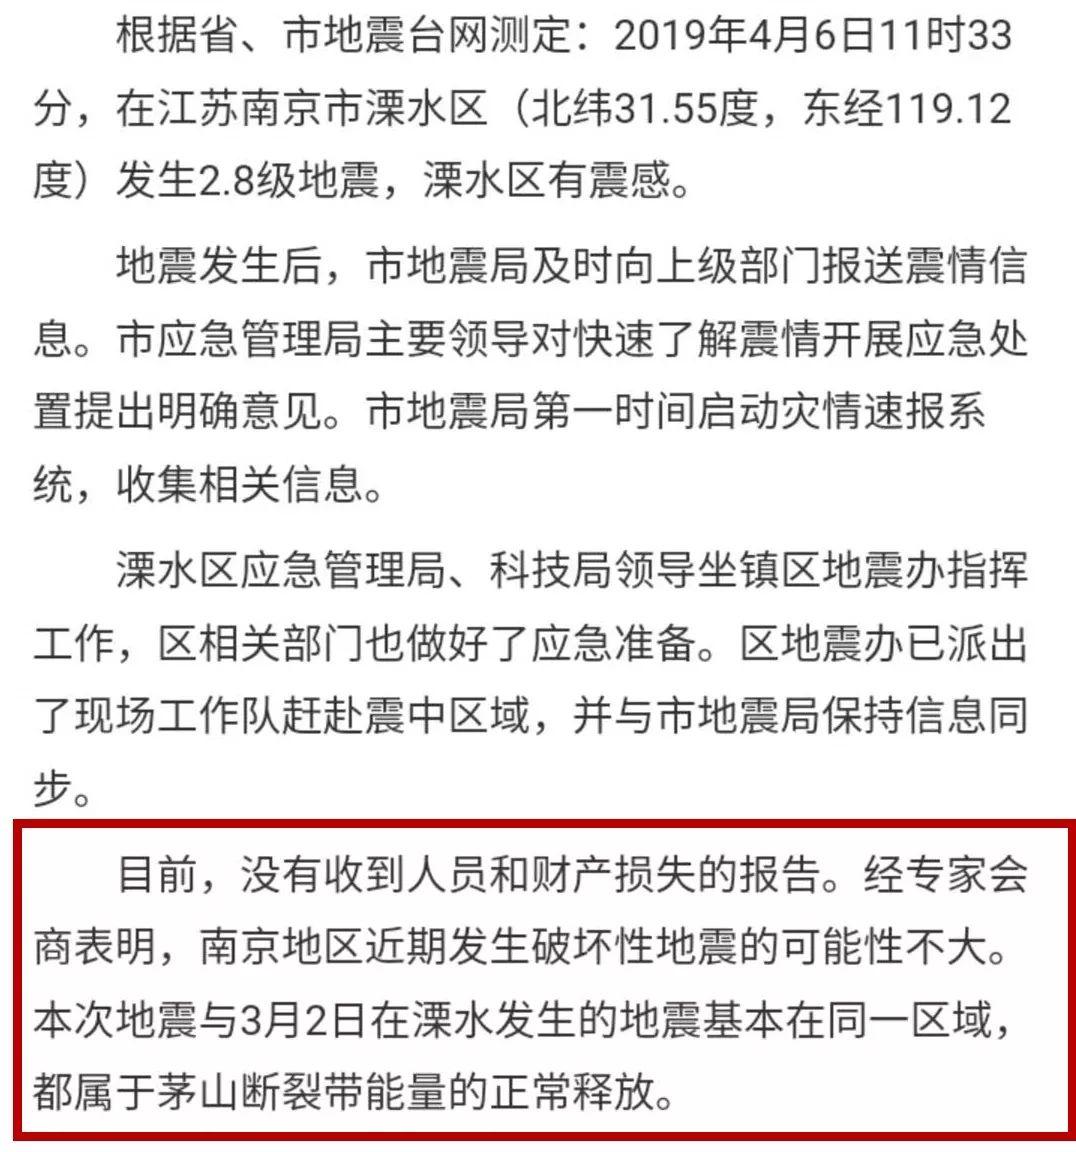 刚刚,南京又又又地震了!